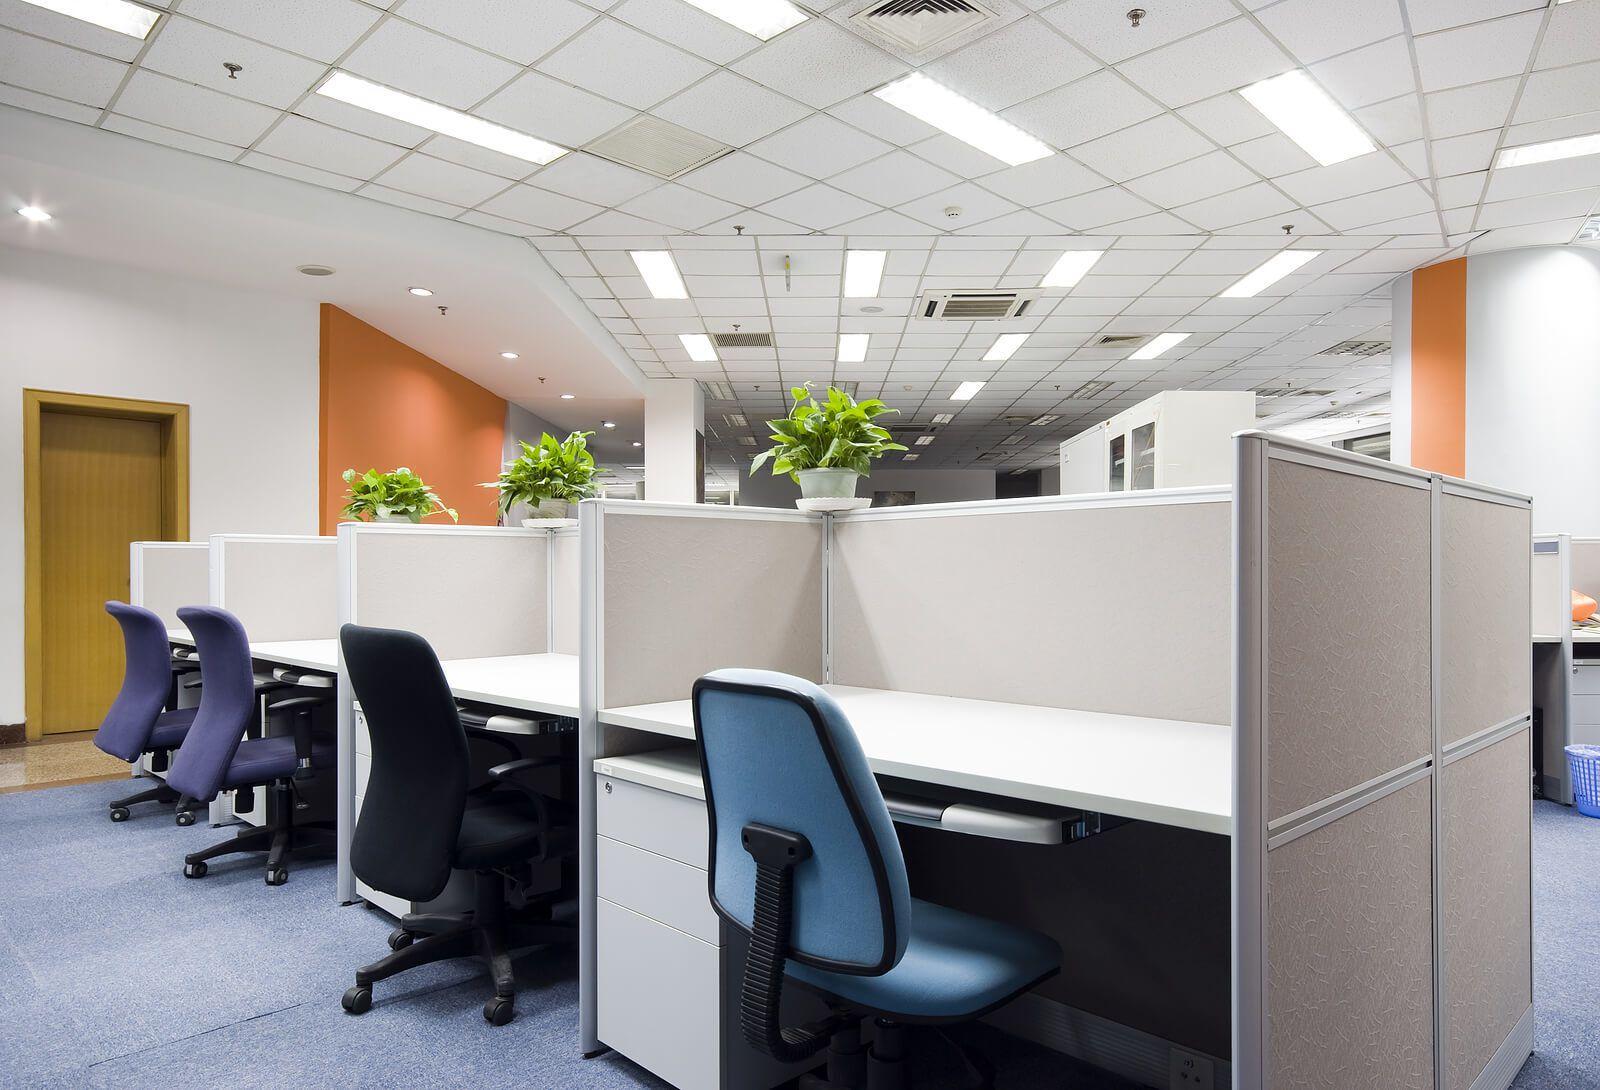 Thực hiện vệ sinh văn phòng đúng cách và các quy định